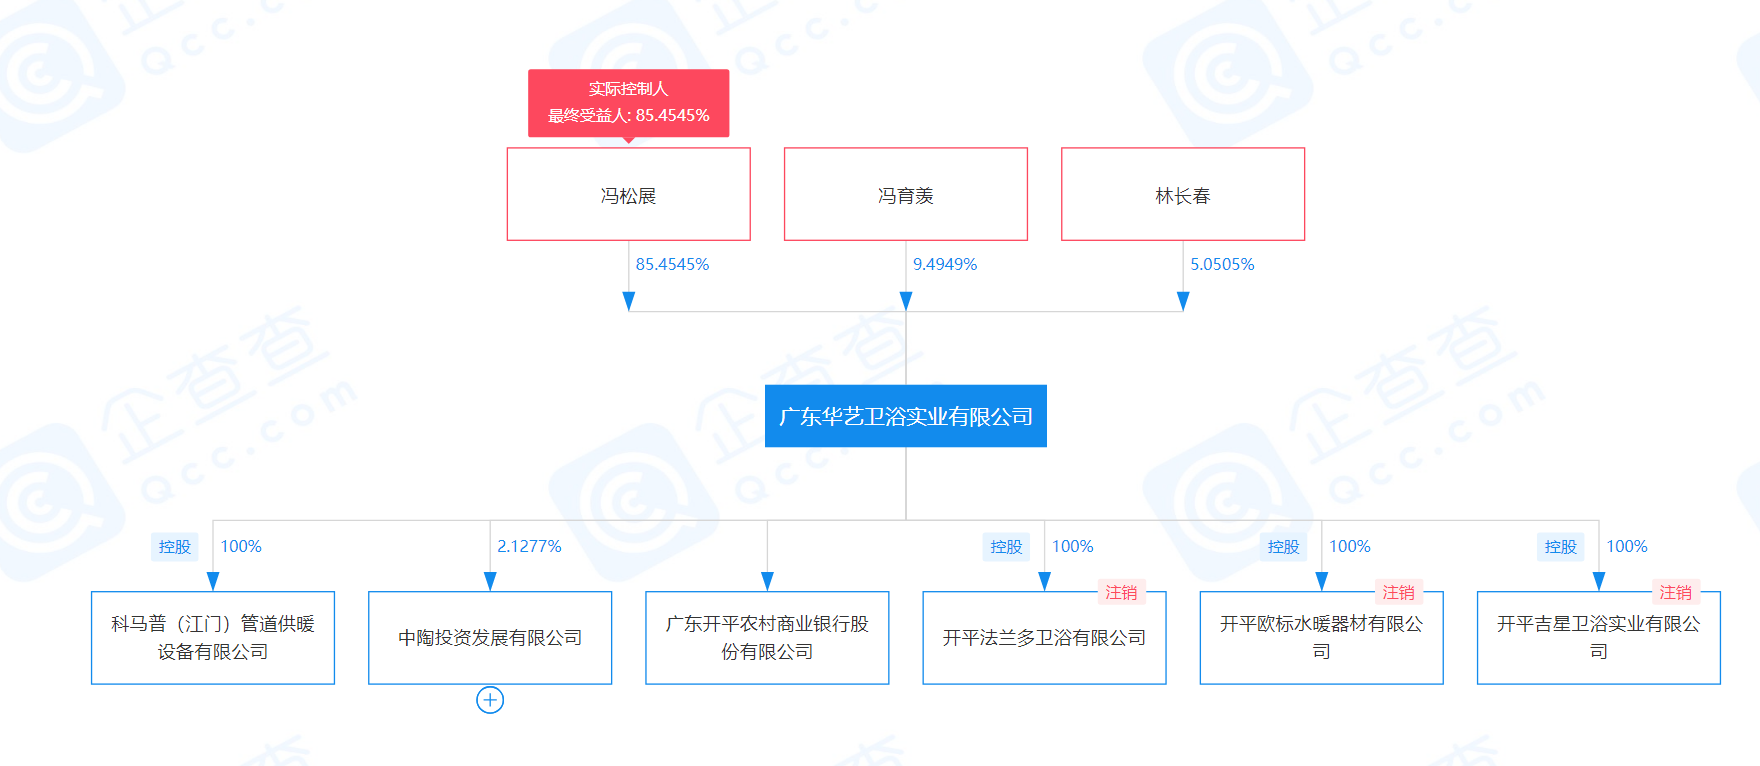 华艺卫浴启动IPO进程 拟A股上市